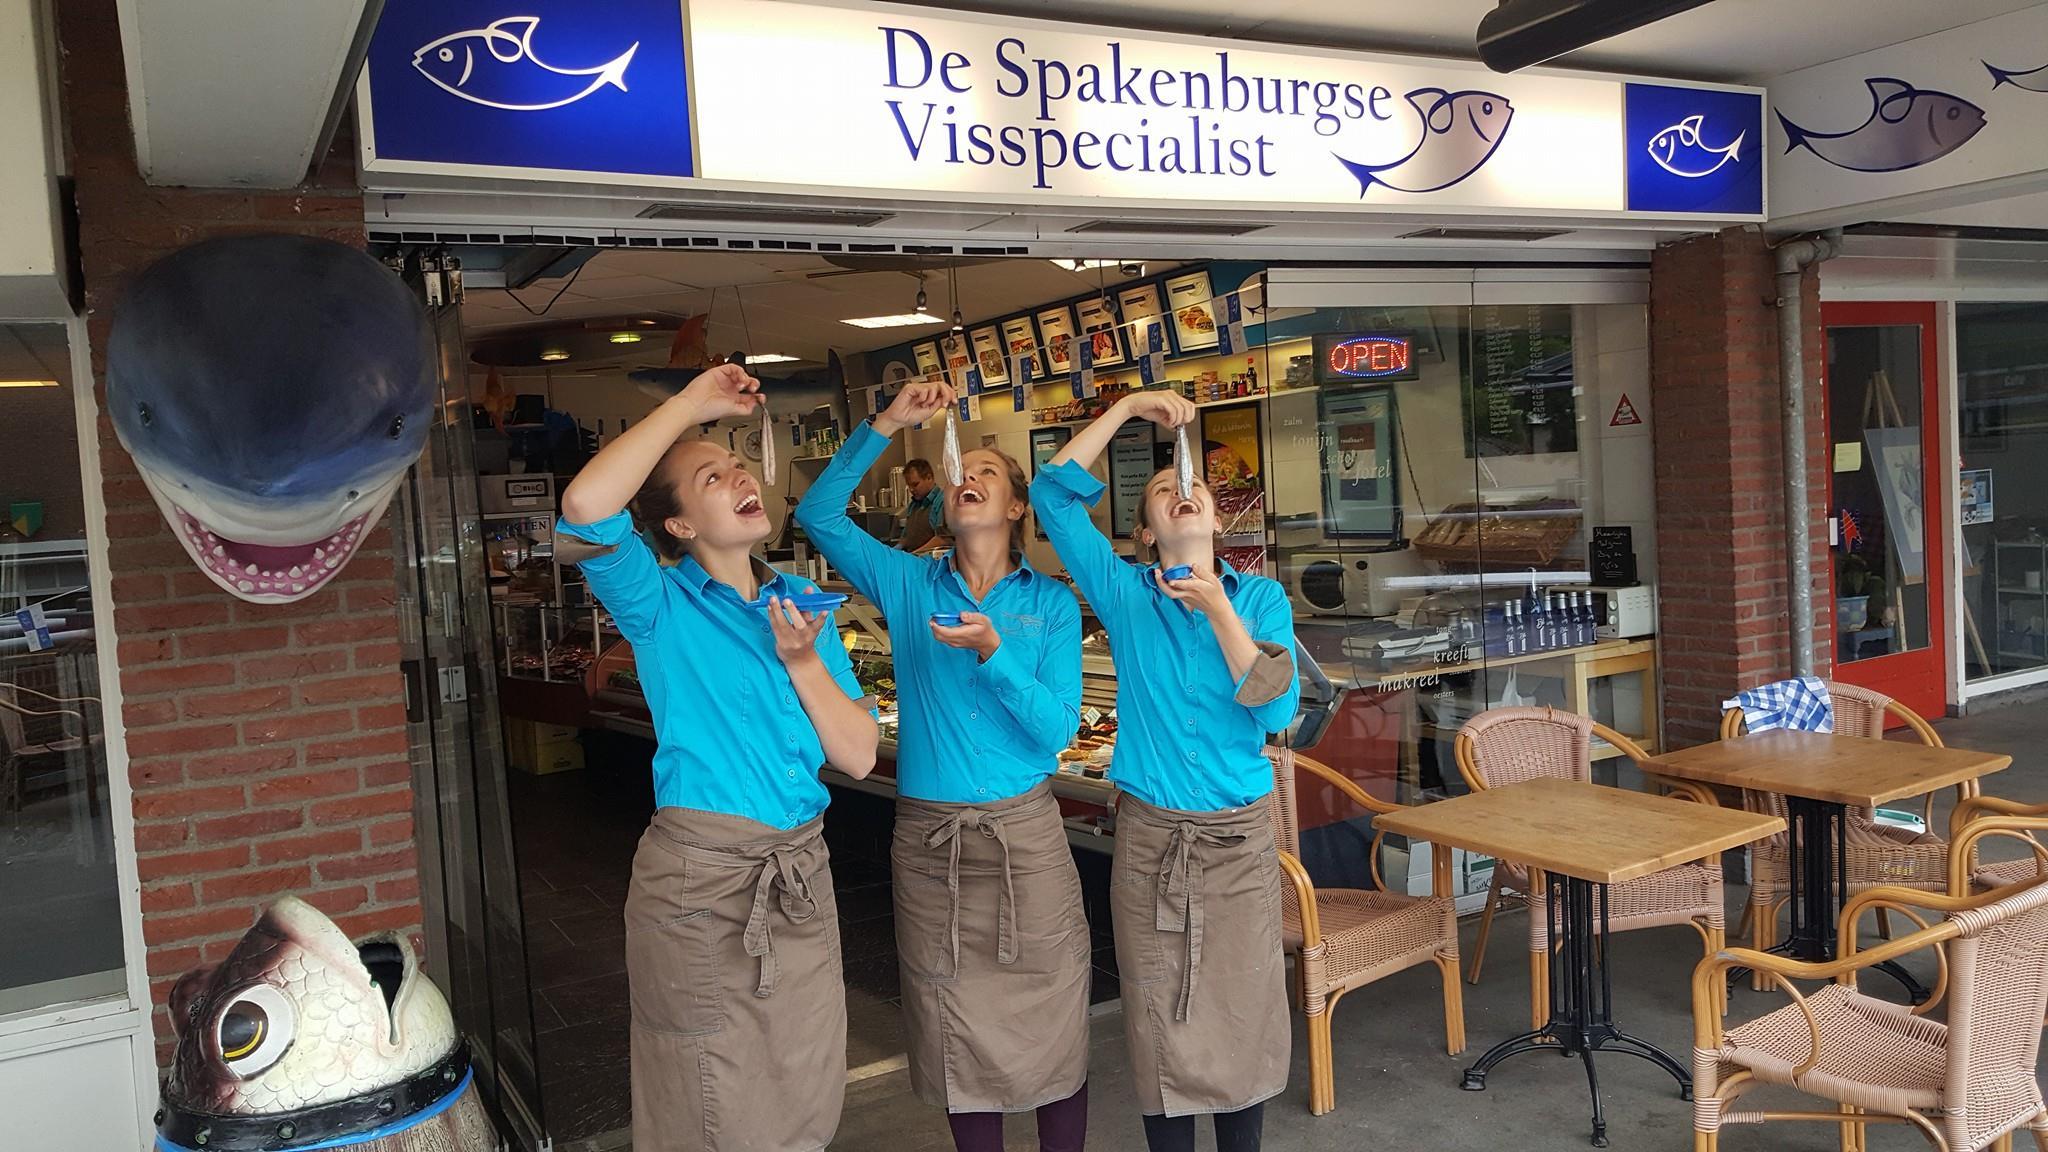 spakenburgse-visspecialist-homepage-winkel